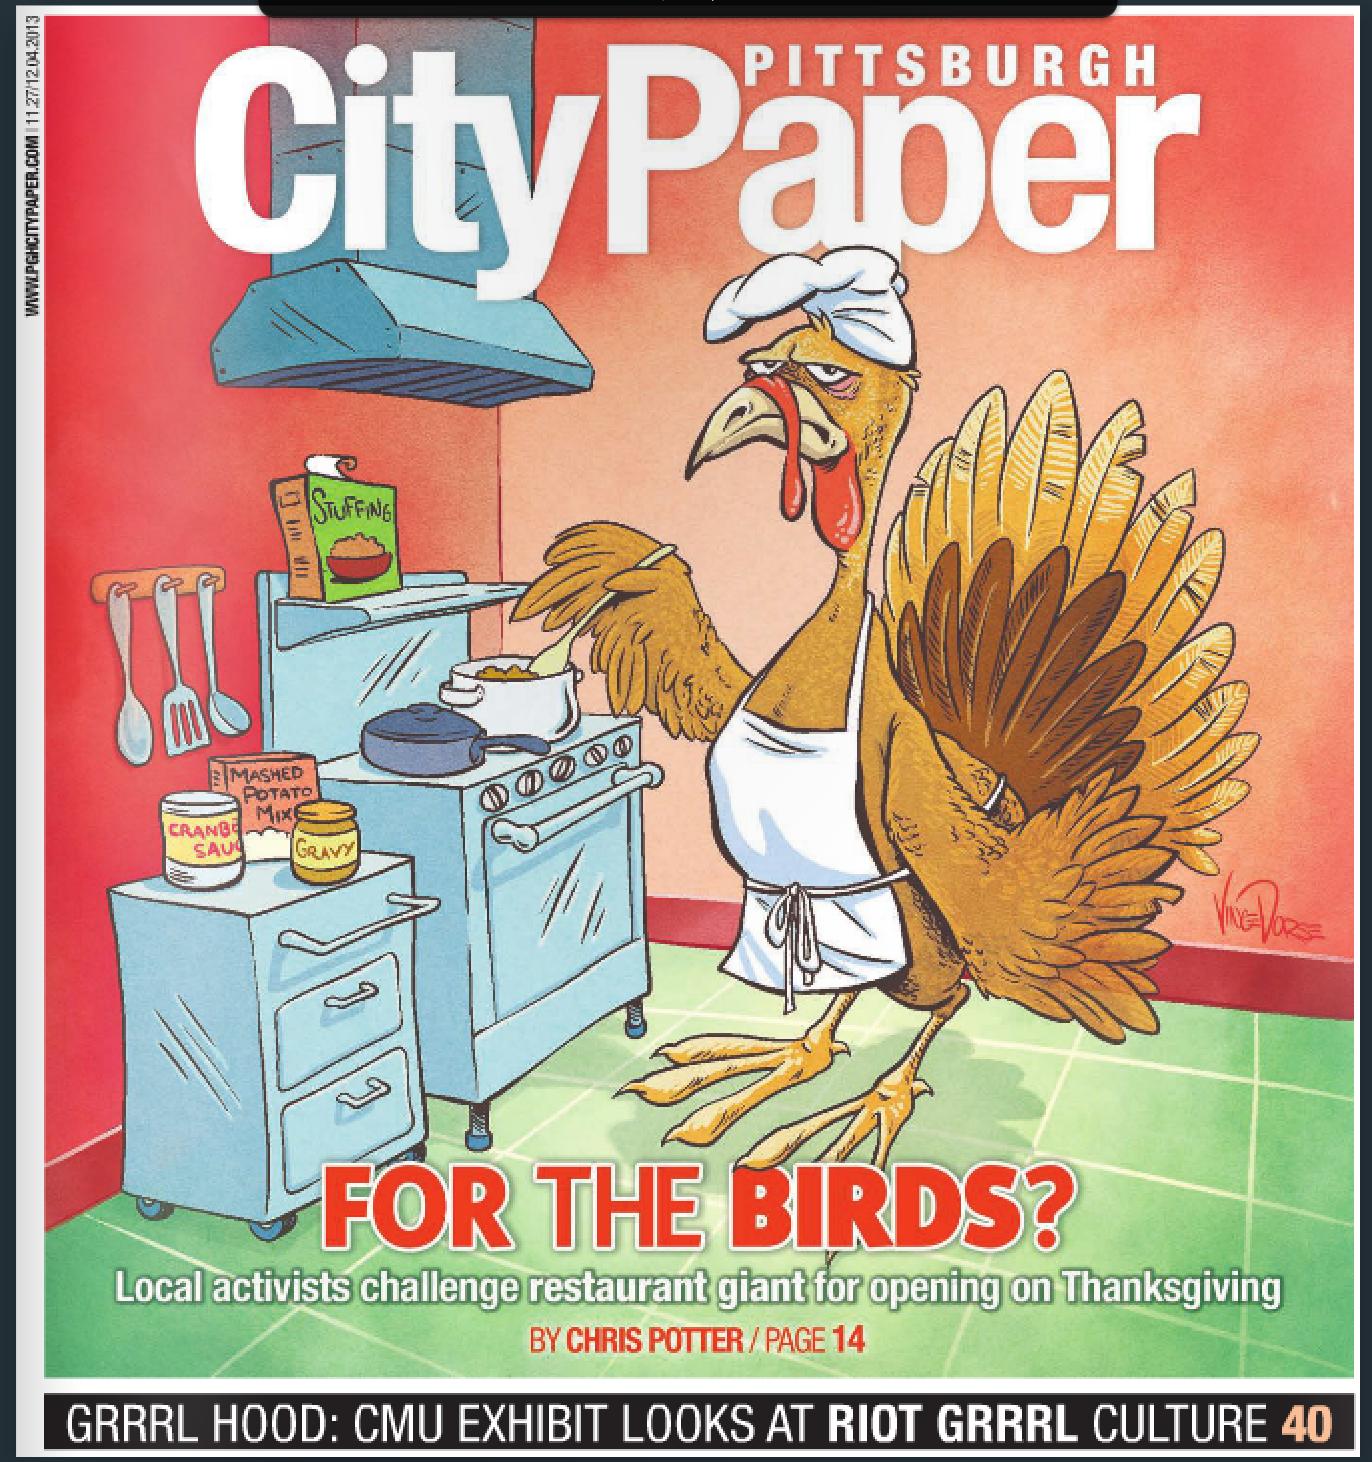 CityPaper Cover AlienShe 2013-11-27